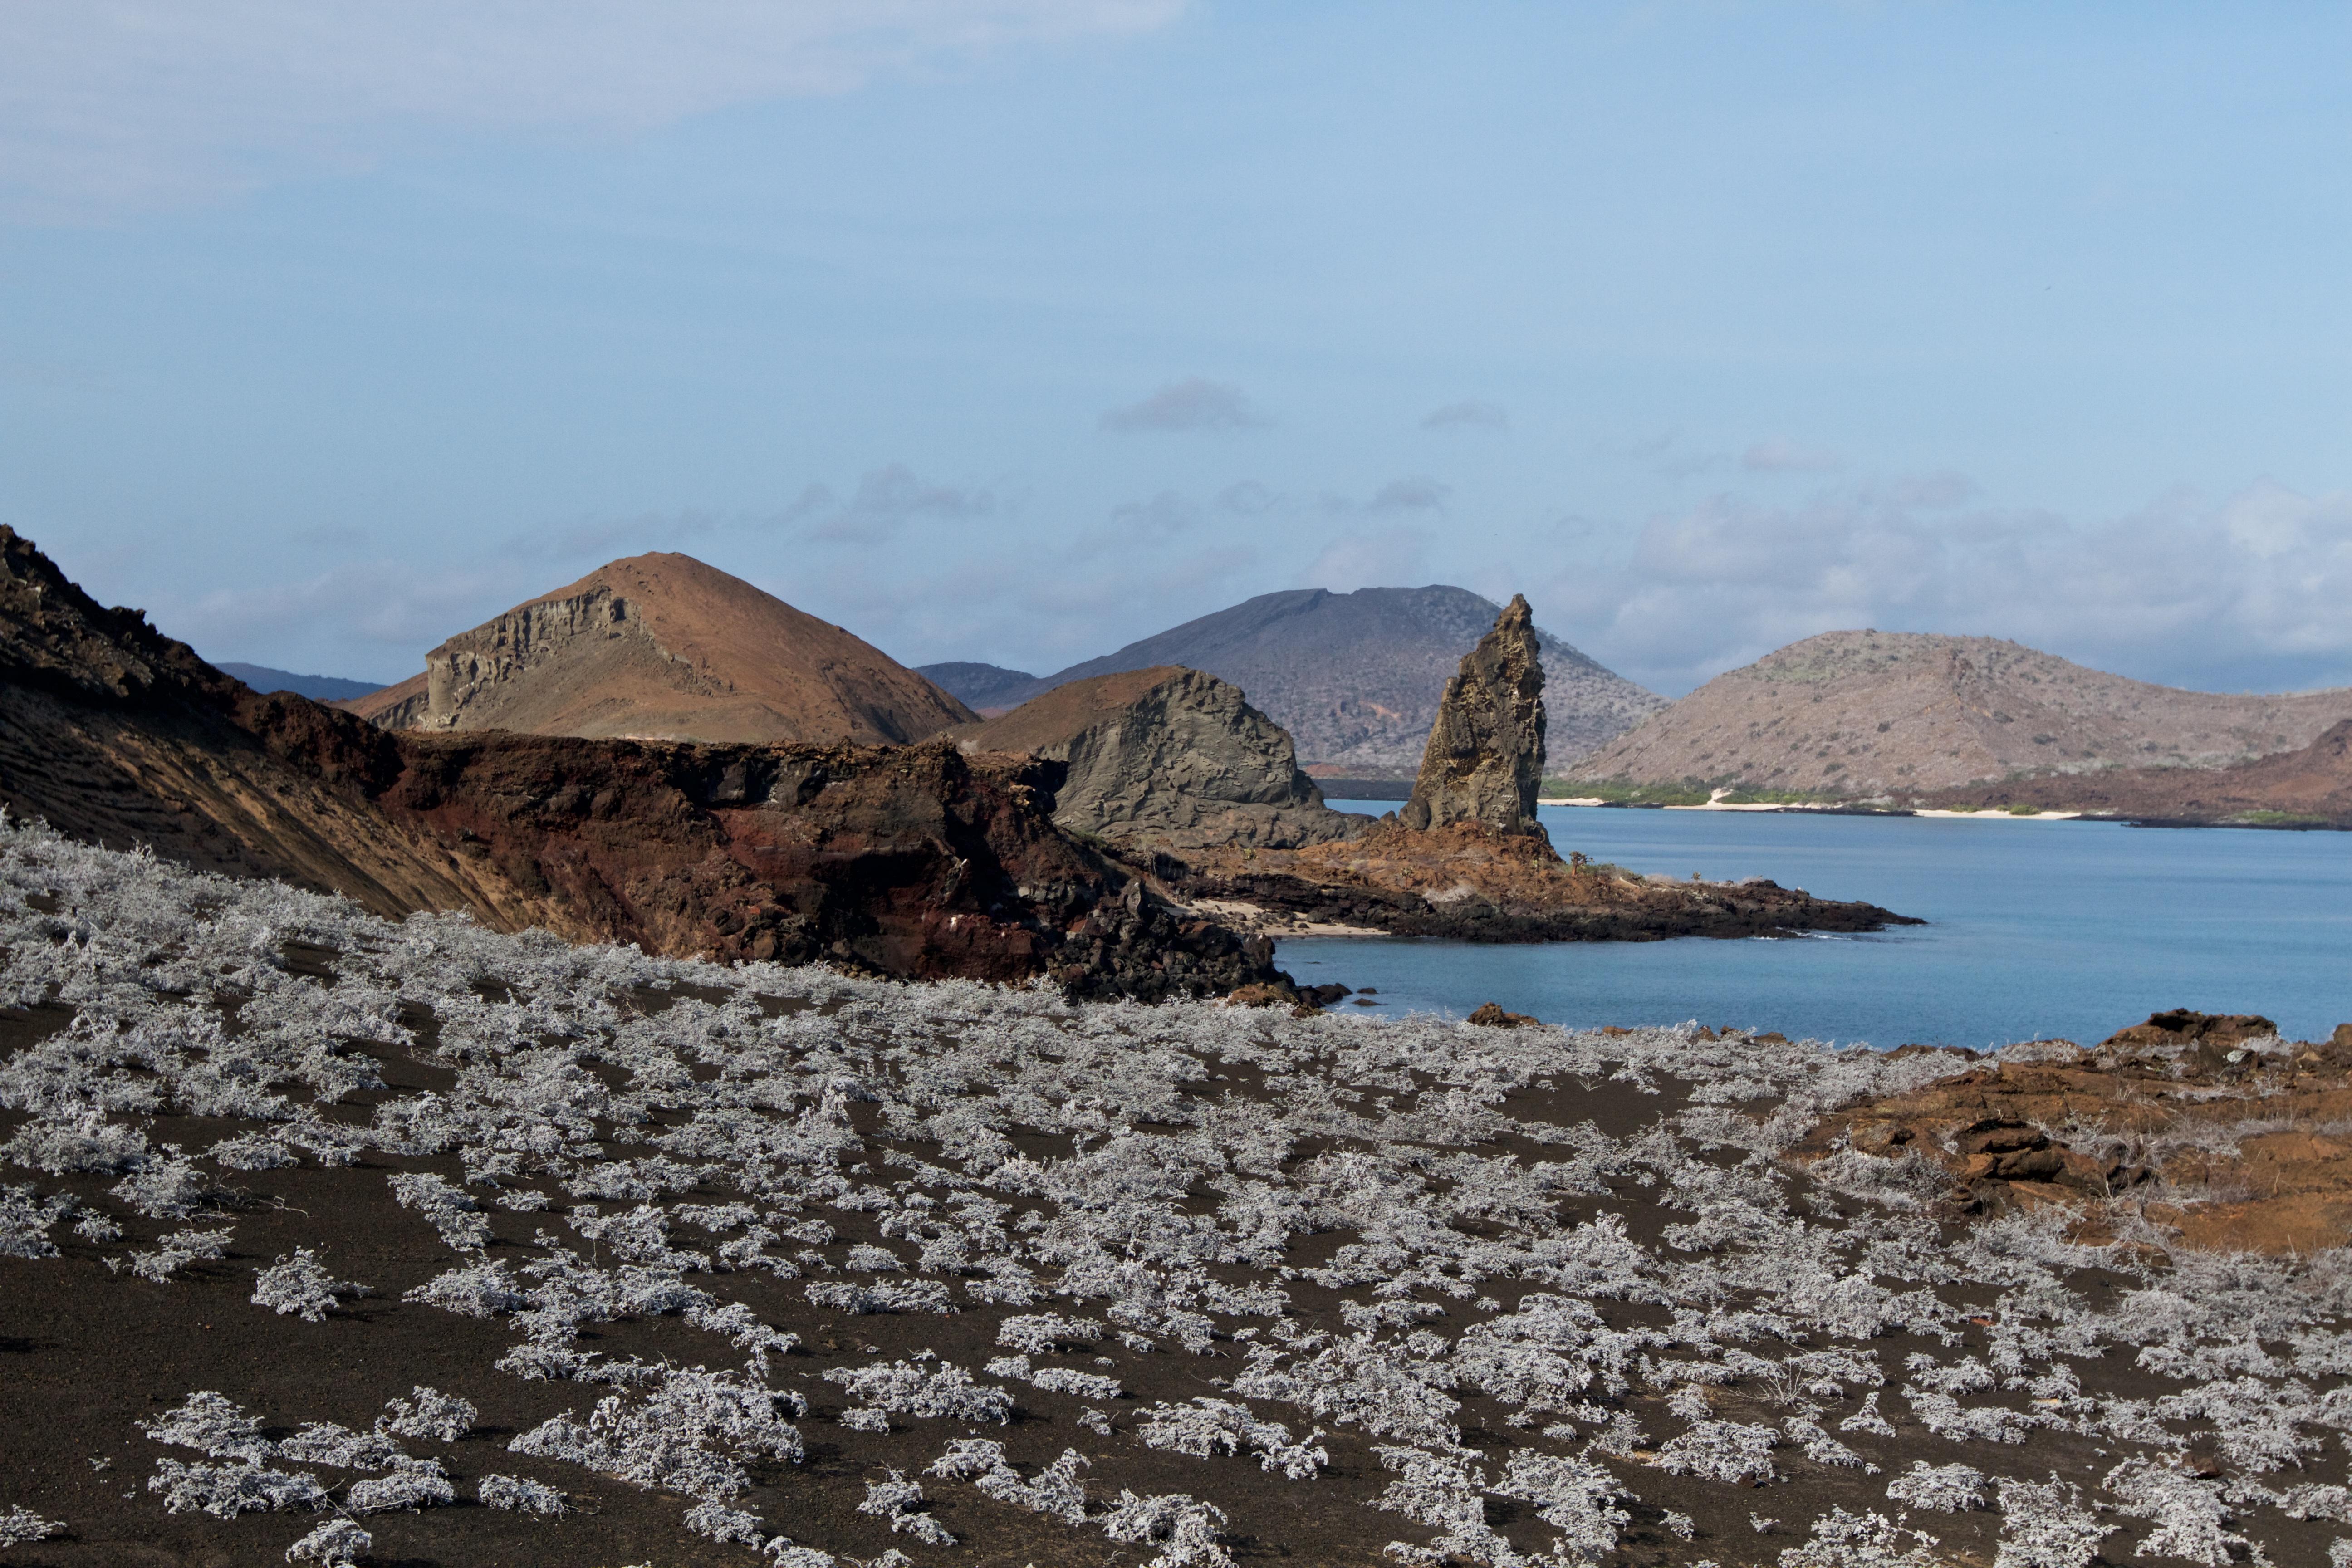 Galapagos haven